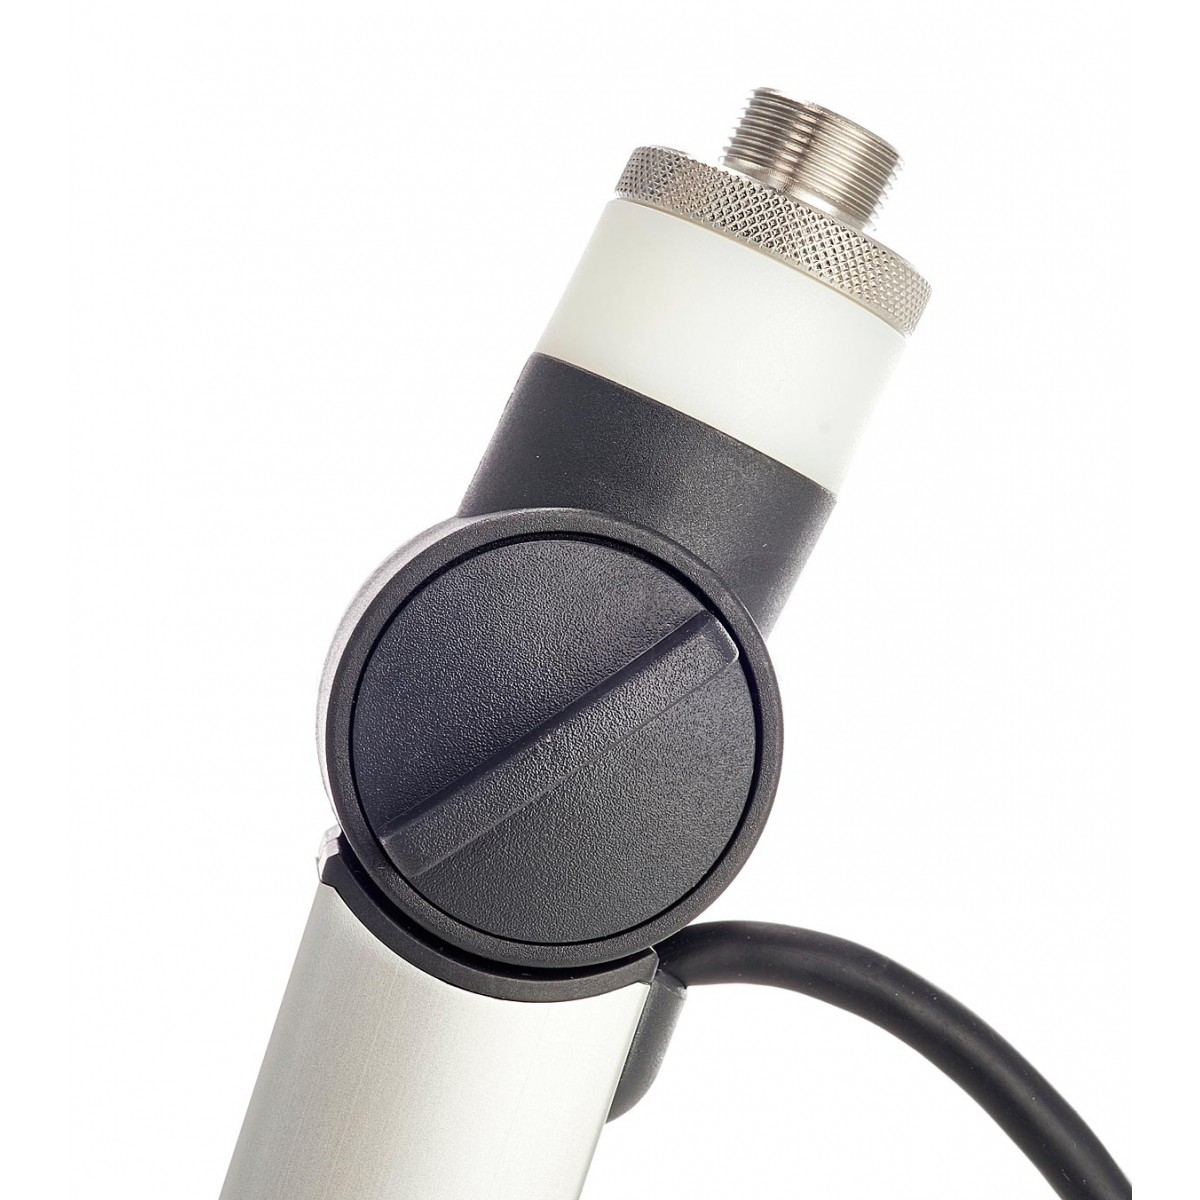 Braço articulado de Mesa p/ Microfone - Mika On Air - Yellowtec